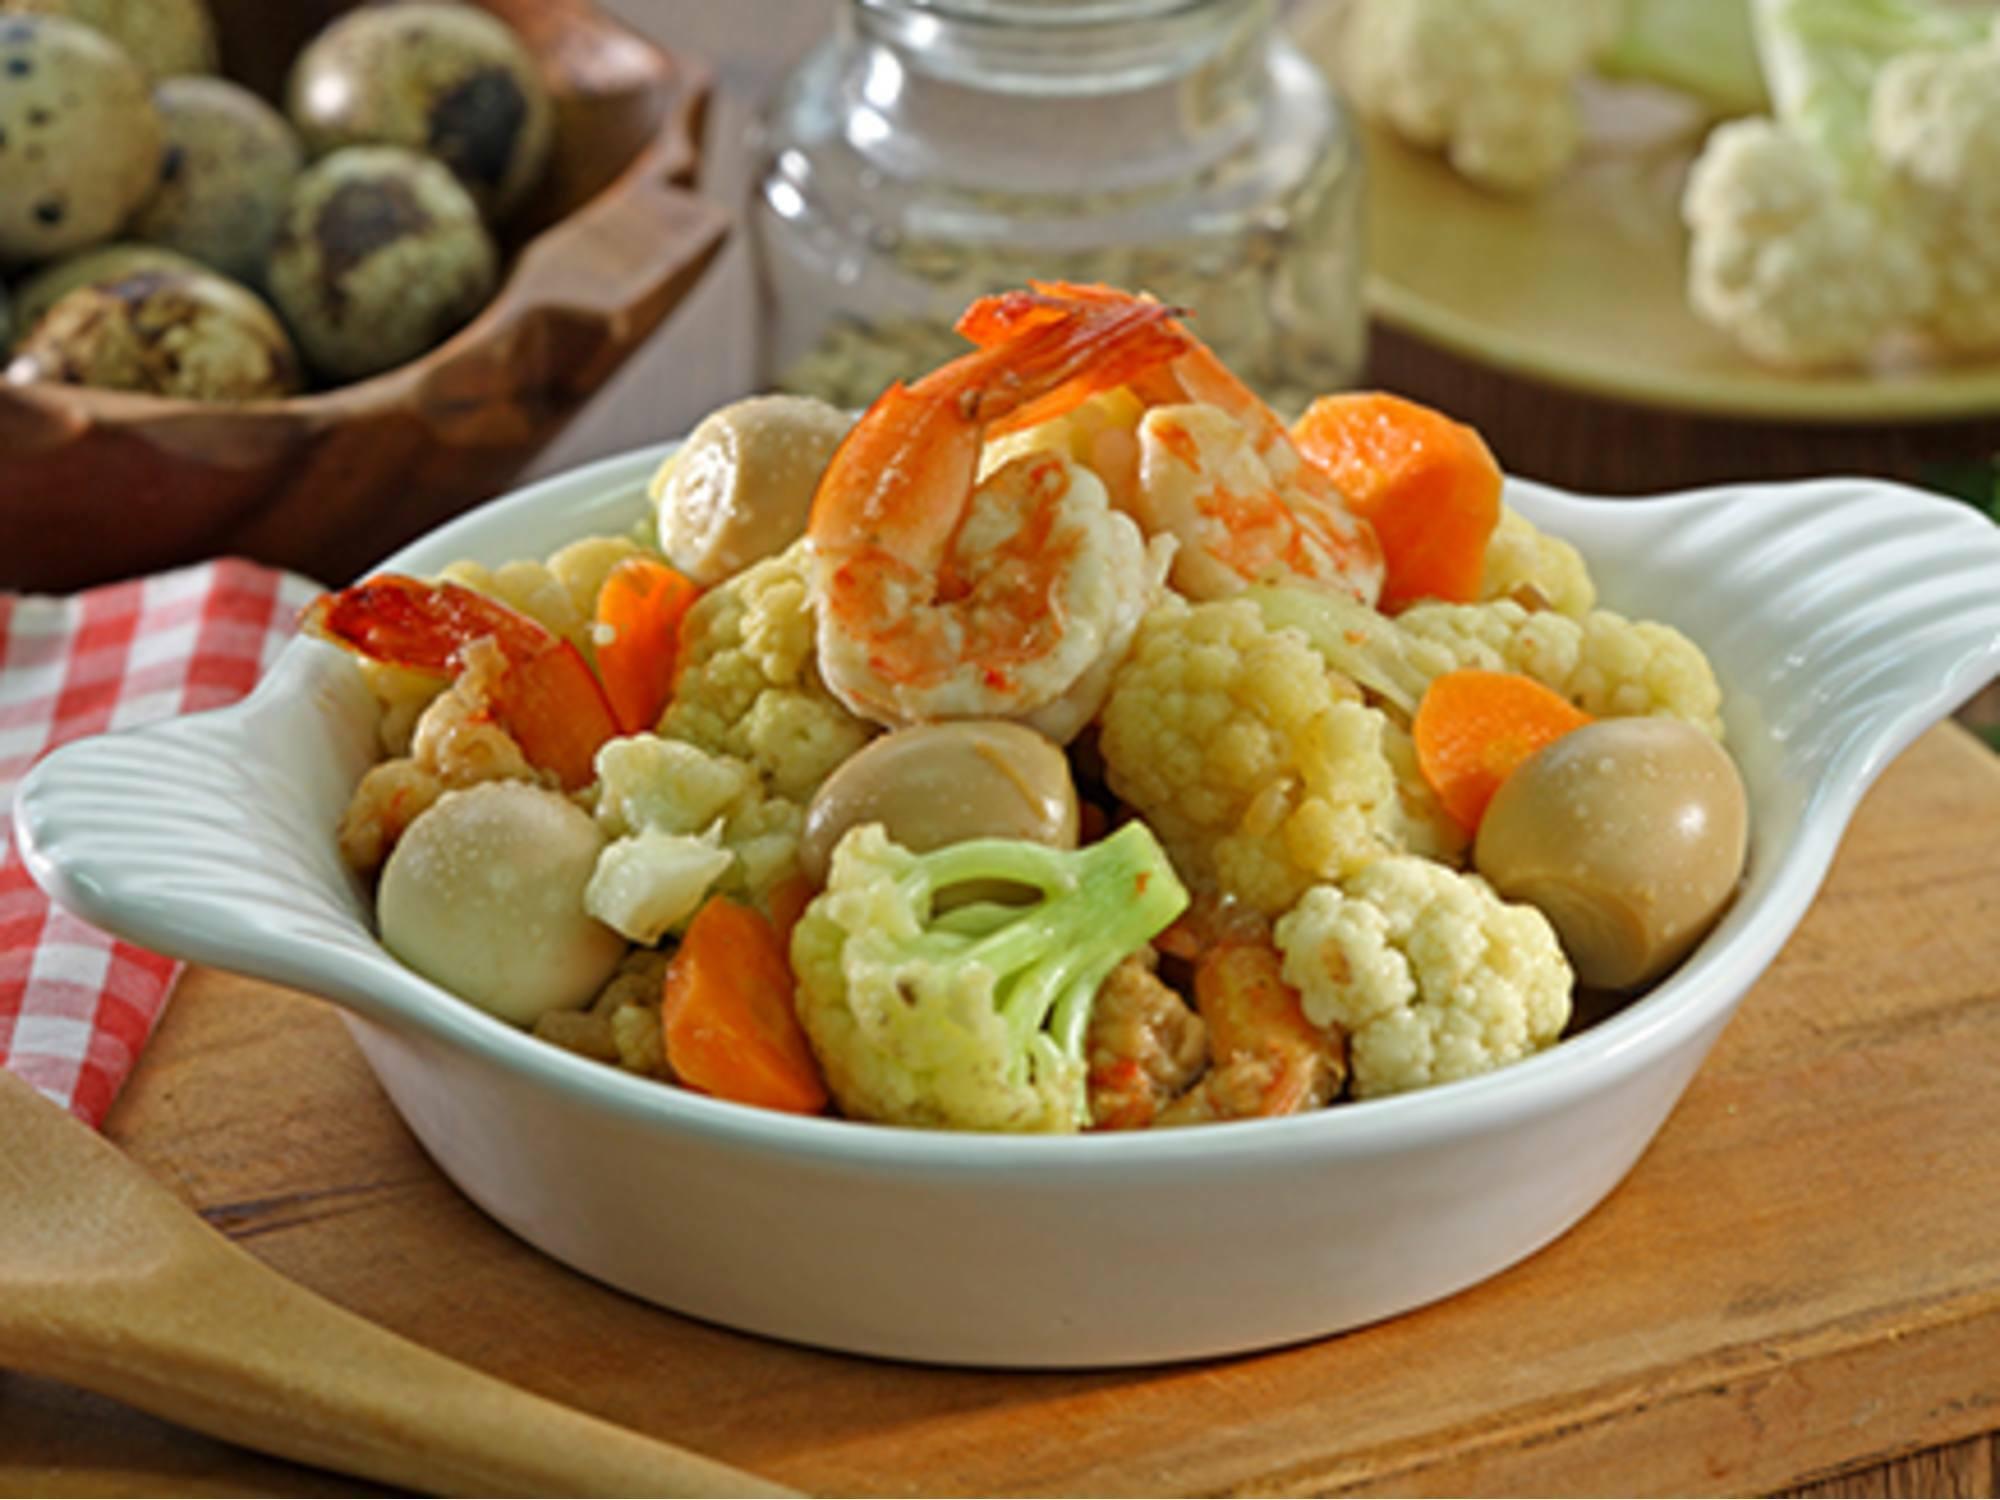 resep sayur kol putih masakan mama mudah Resepi Ayam Goreng Santan Enak dan Mudah